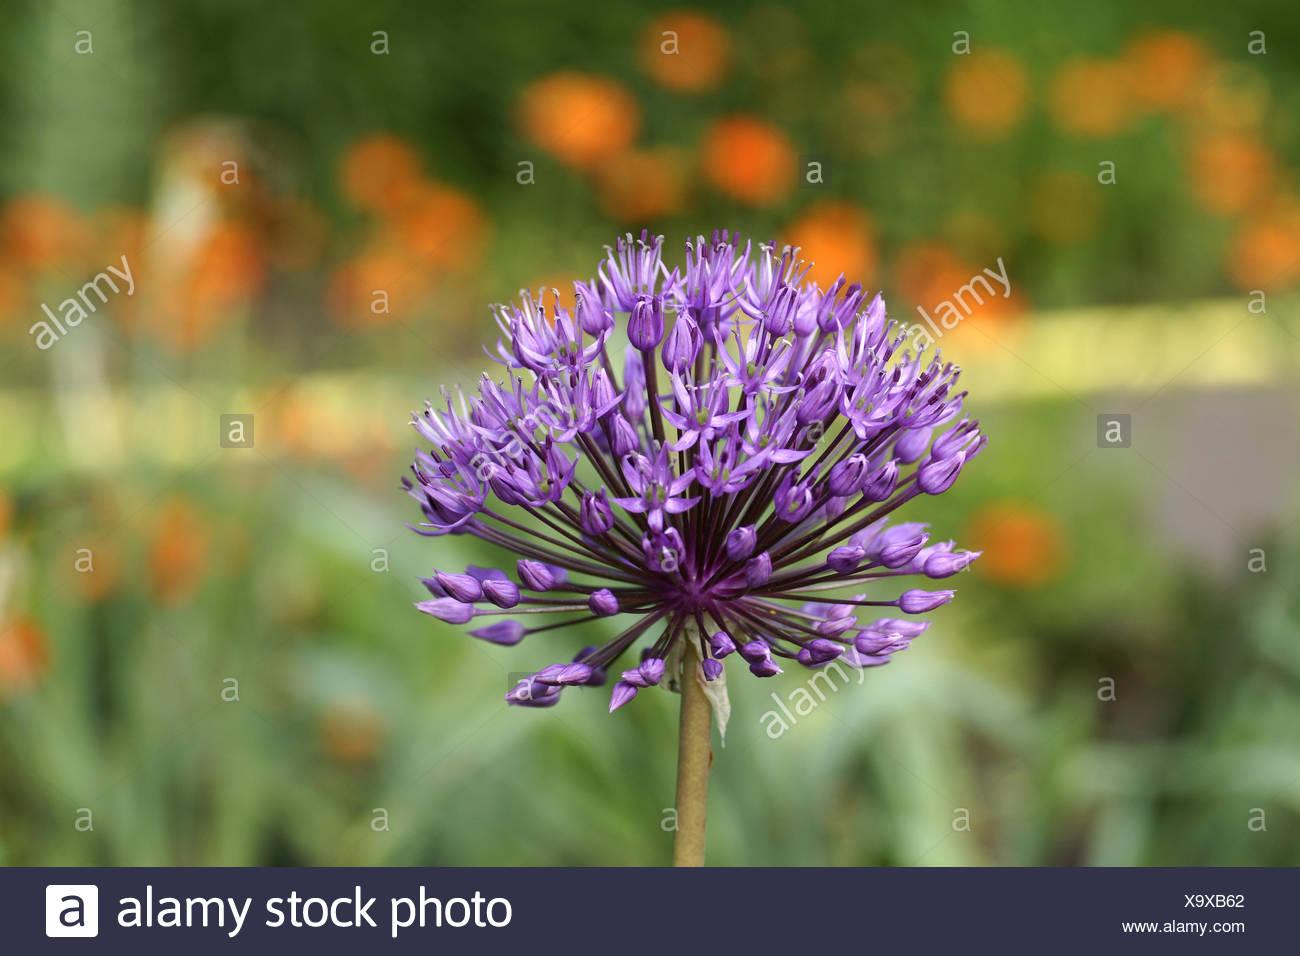 Allium giganteum - Stock Image